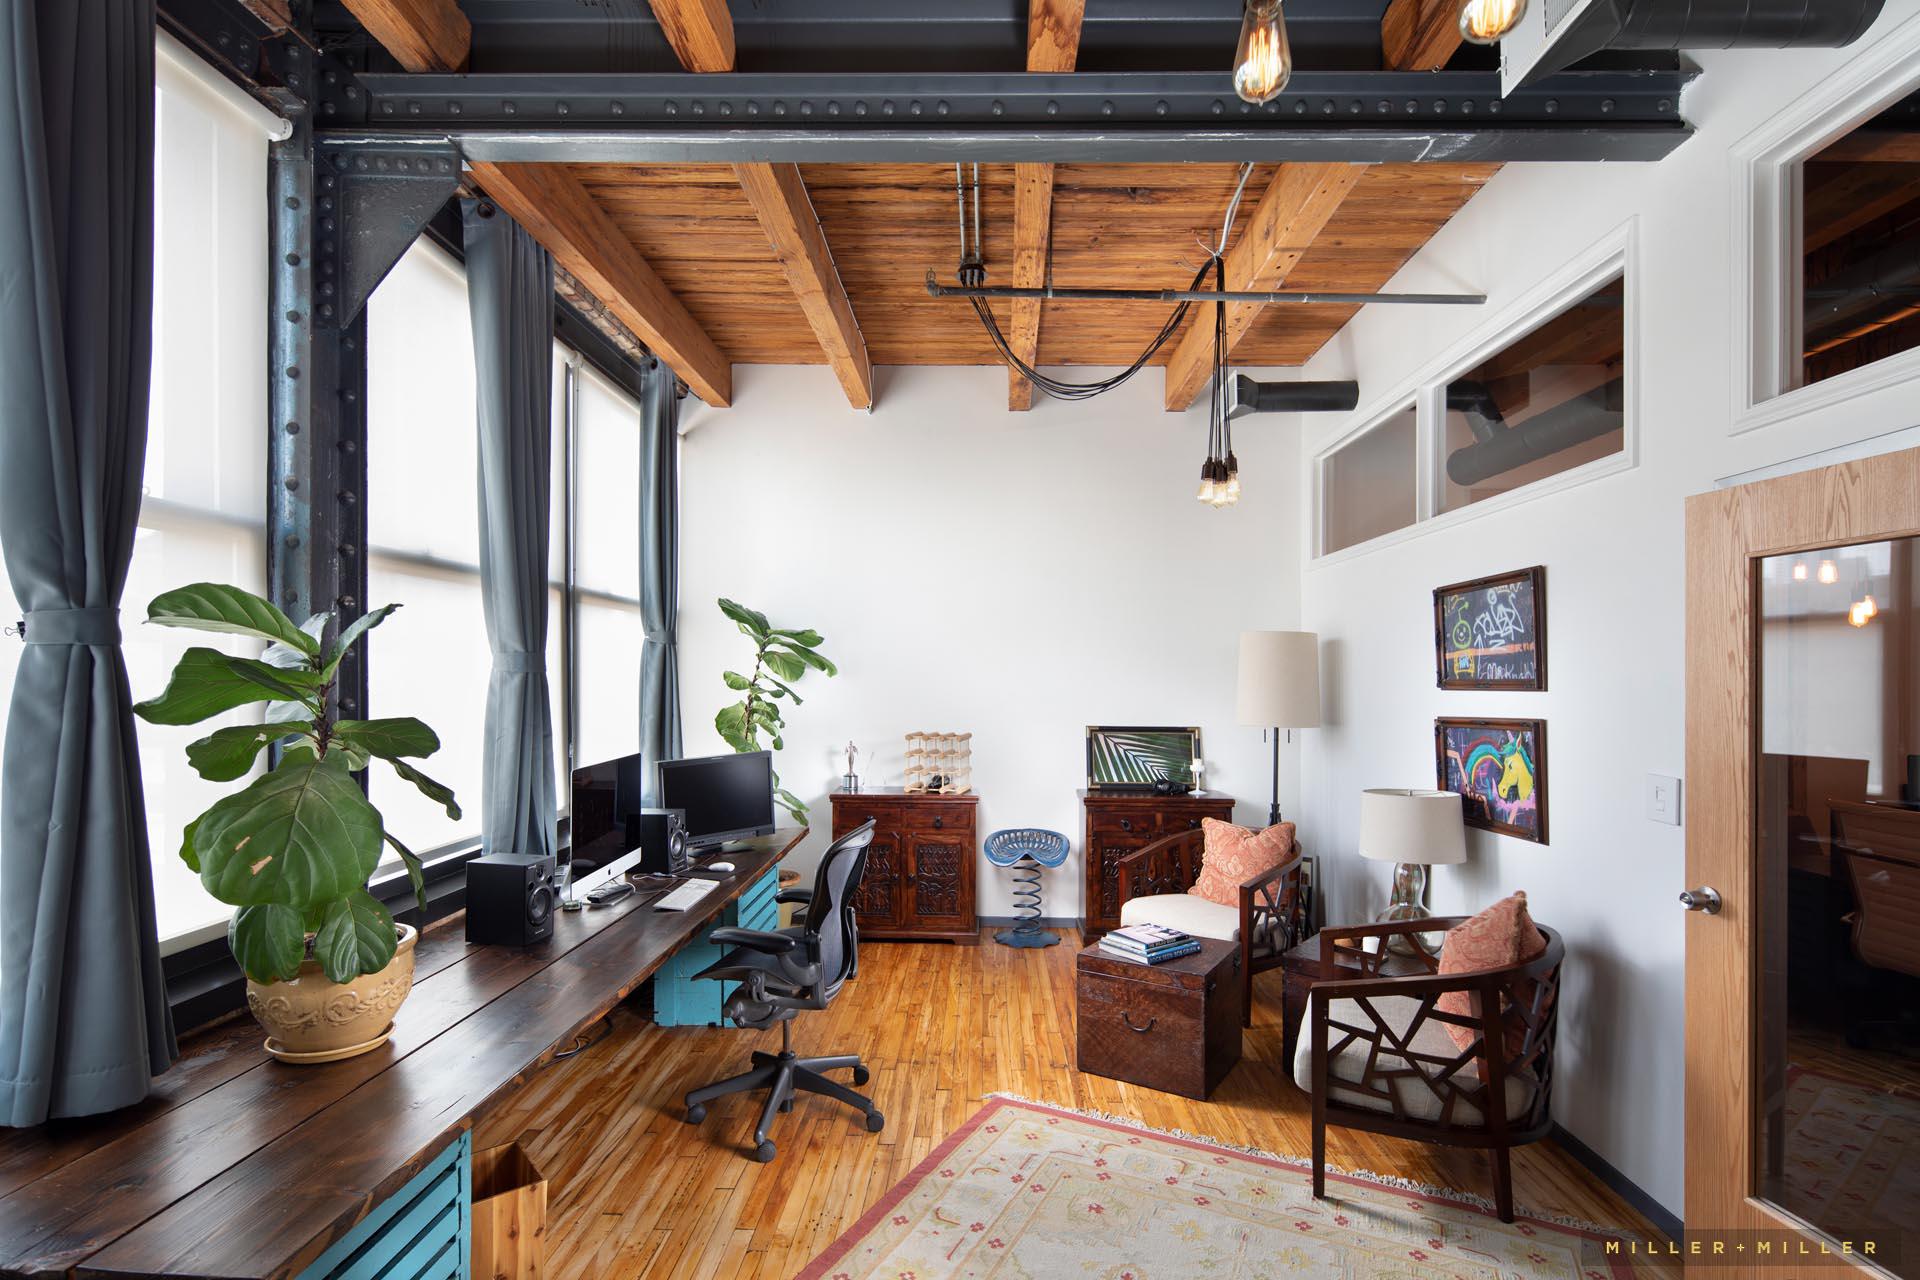 interior photos architectural photography